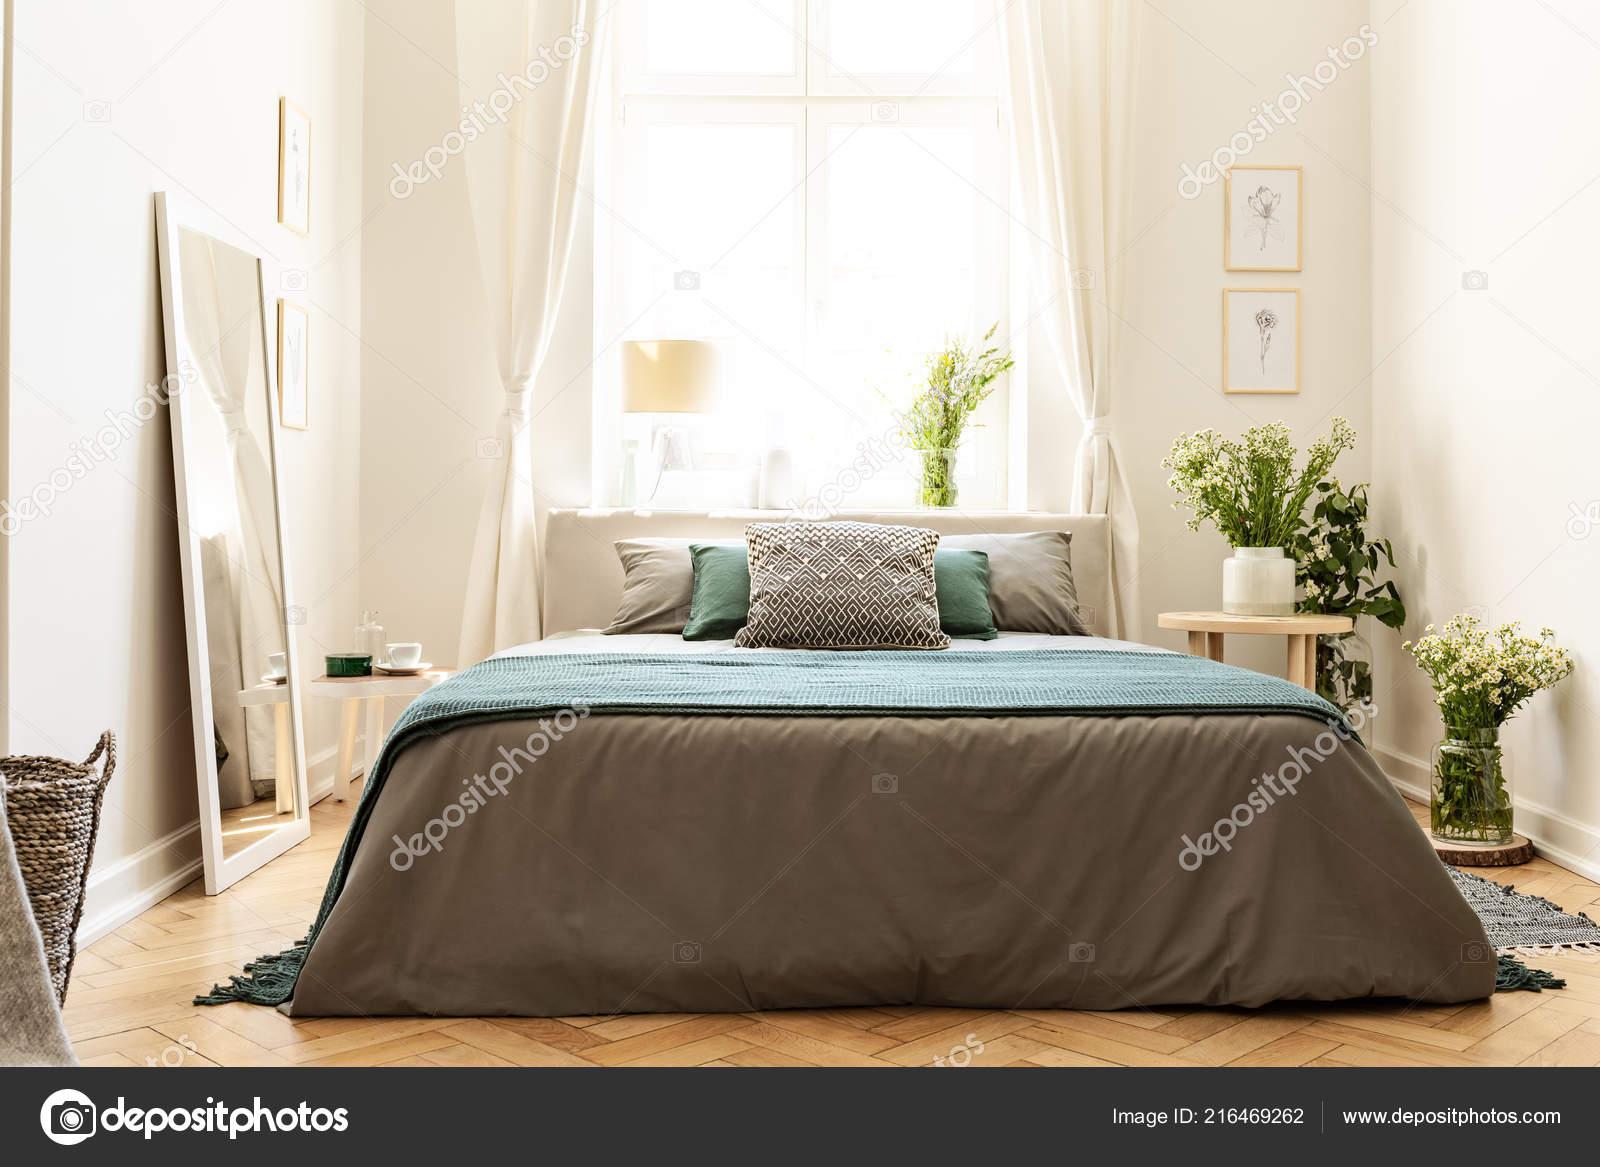 Beige Grün Und Grau Schlafzimmer Innenraum Ein Mietshaus Mit Einem U2014  Stockfoto